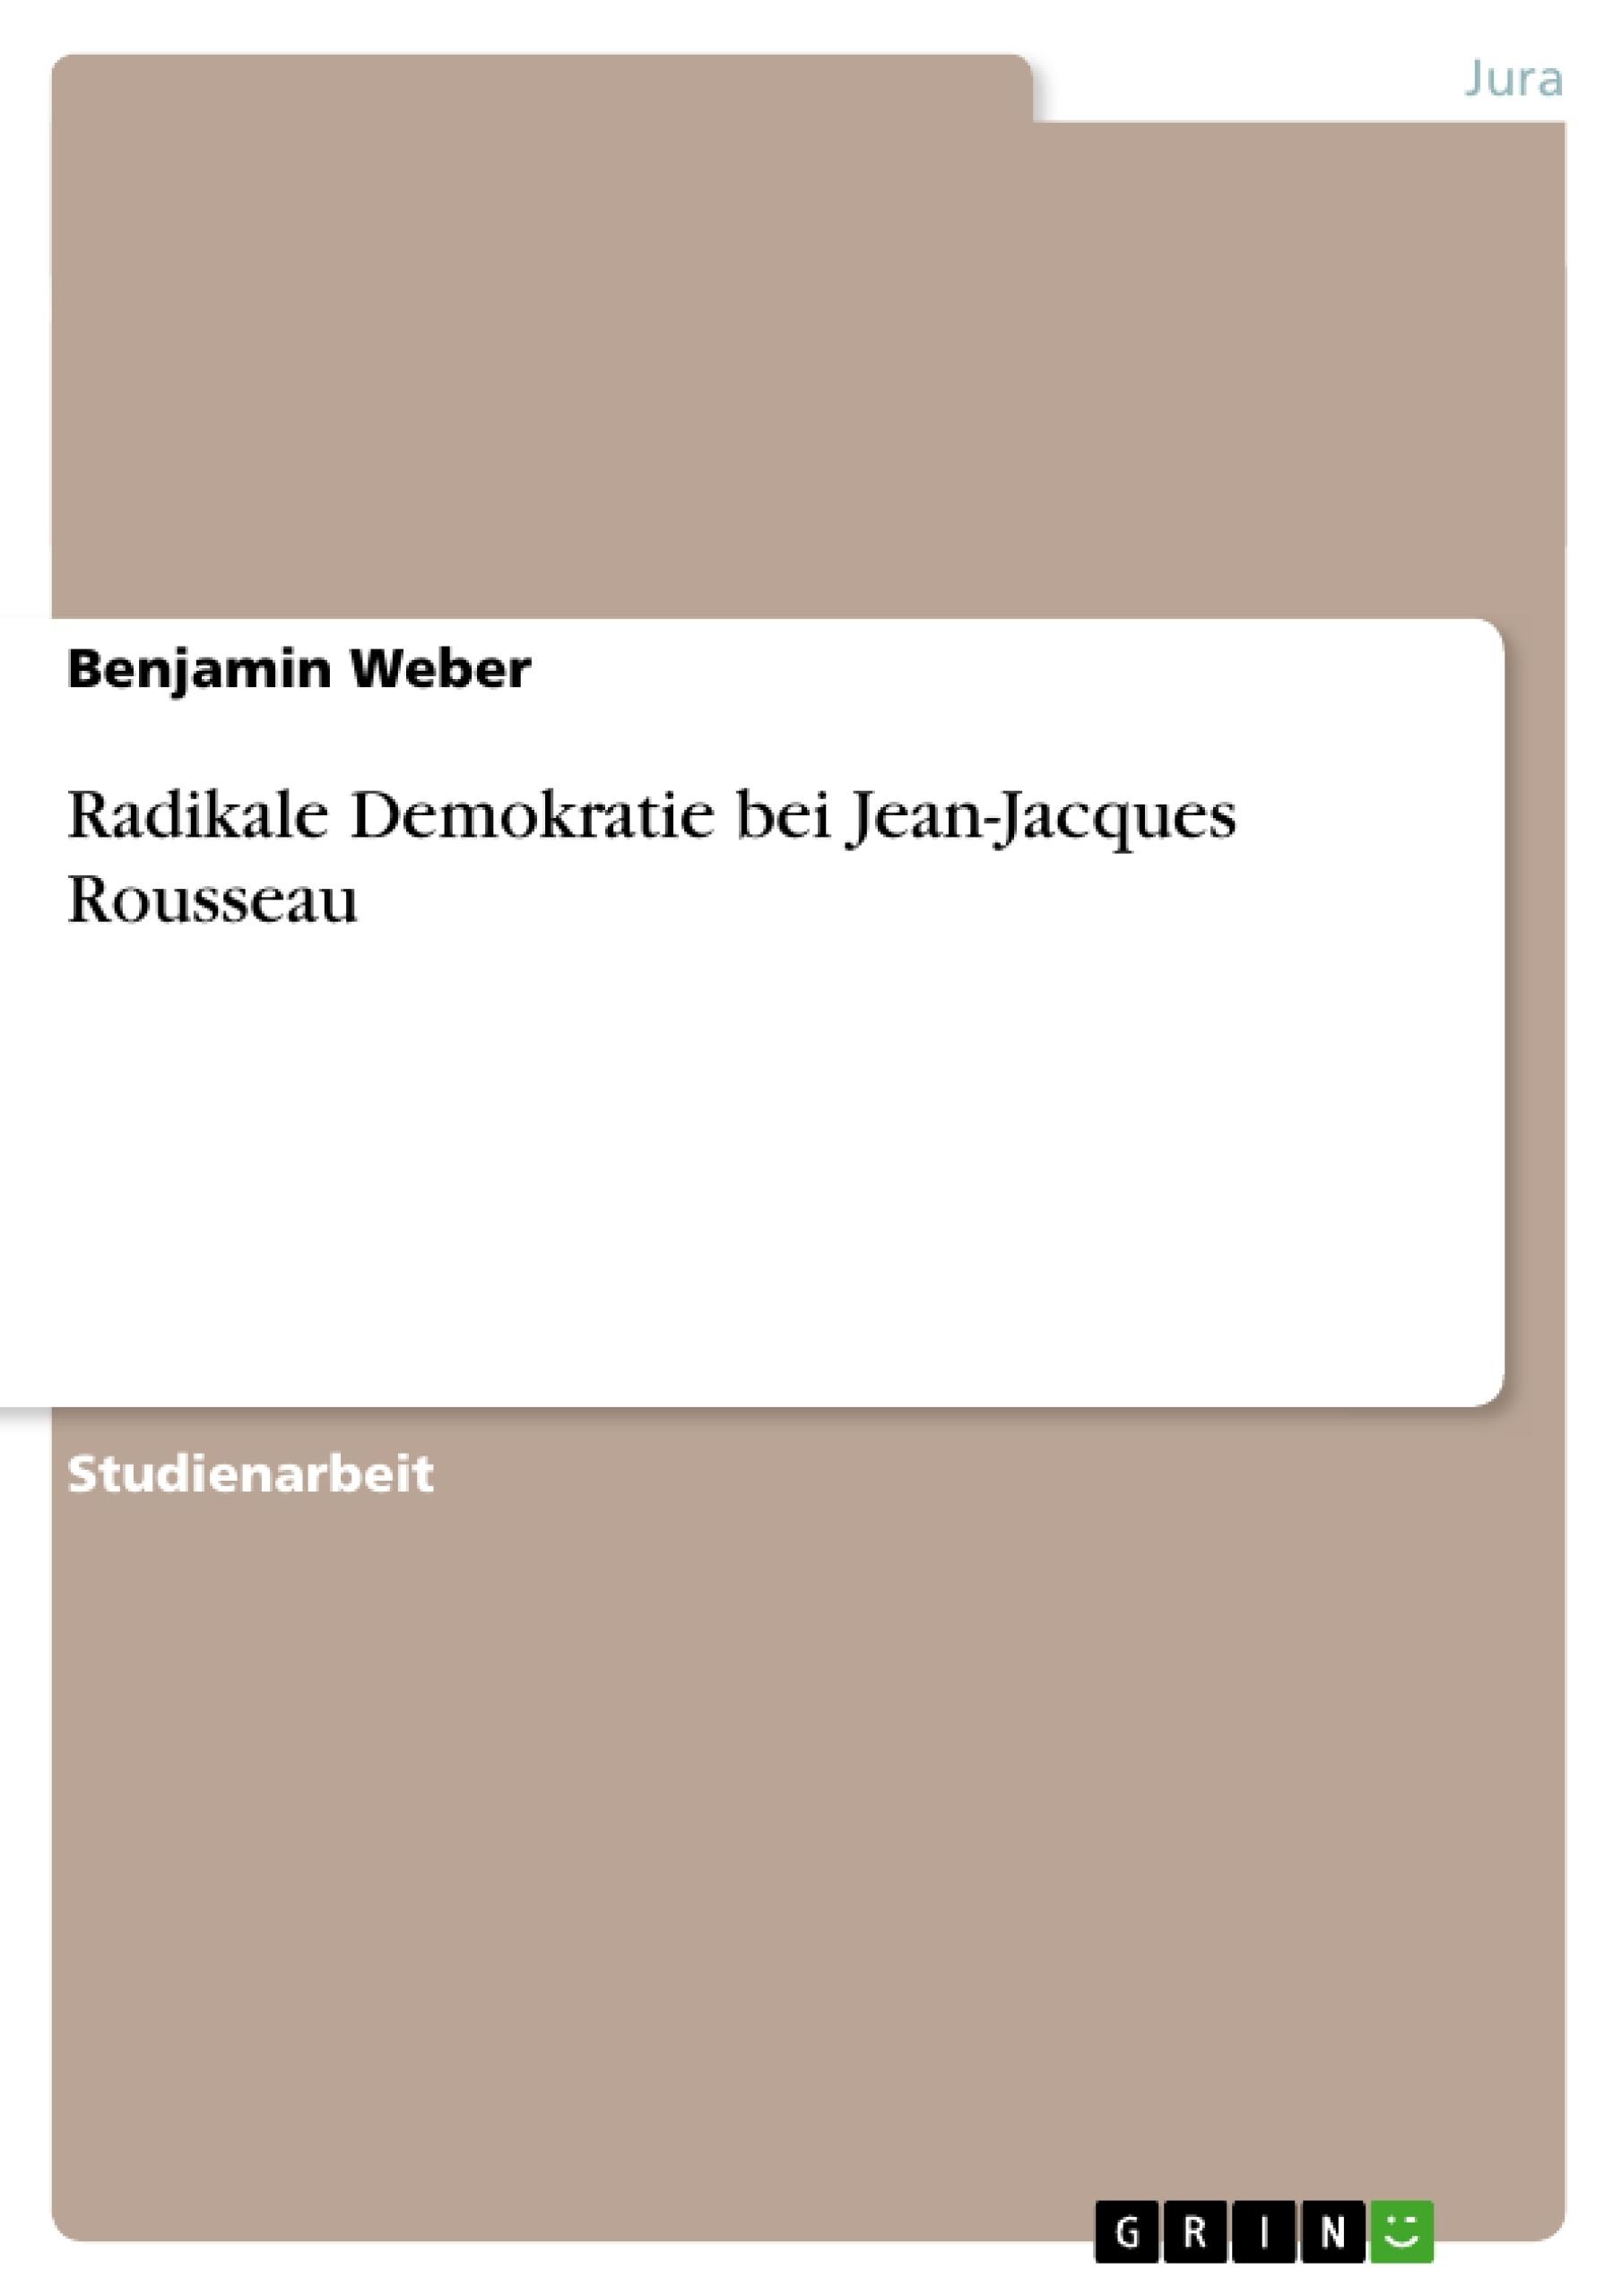 Titel: Radikale Demokratie bei Jean-Jacques Rousseau